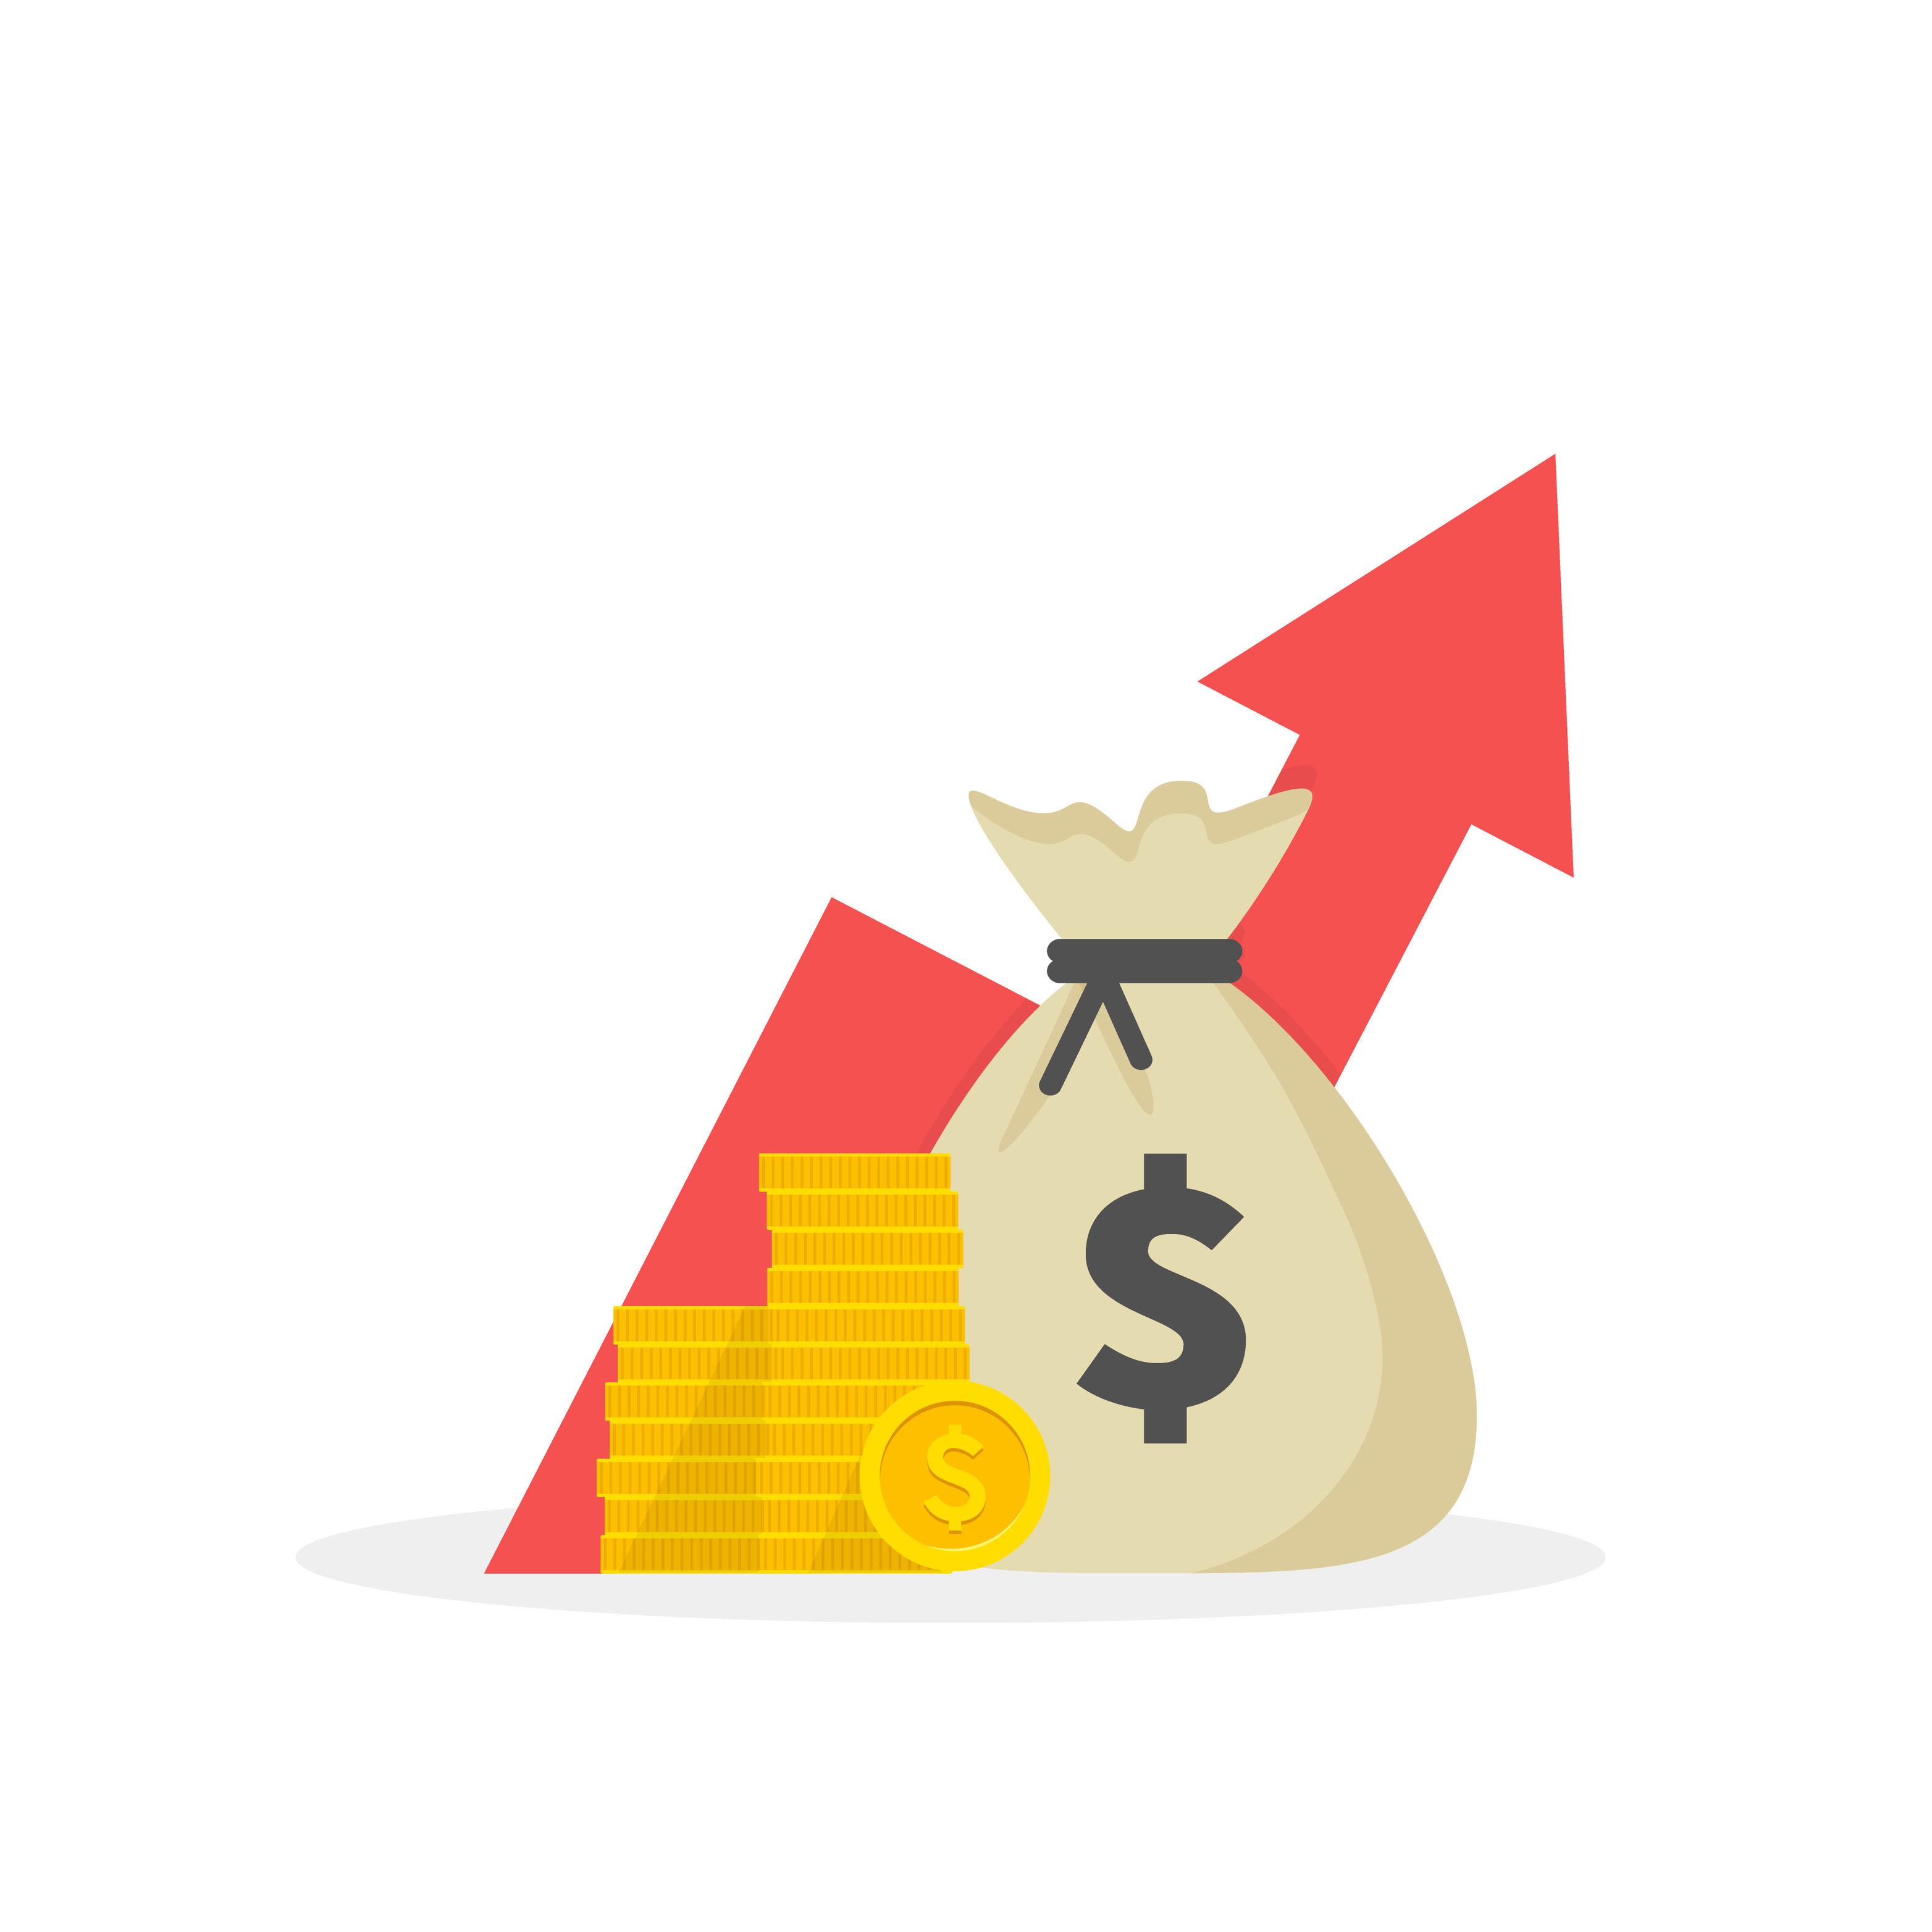 职业年金入市又有新进展 A股再迎长线资金